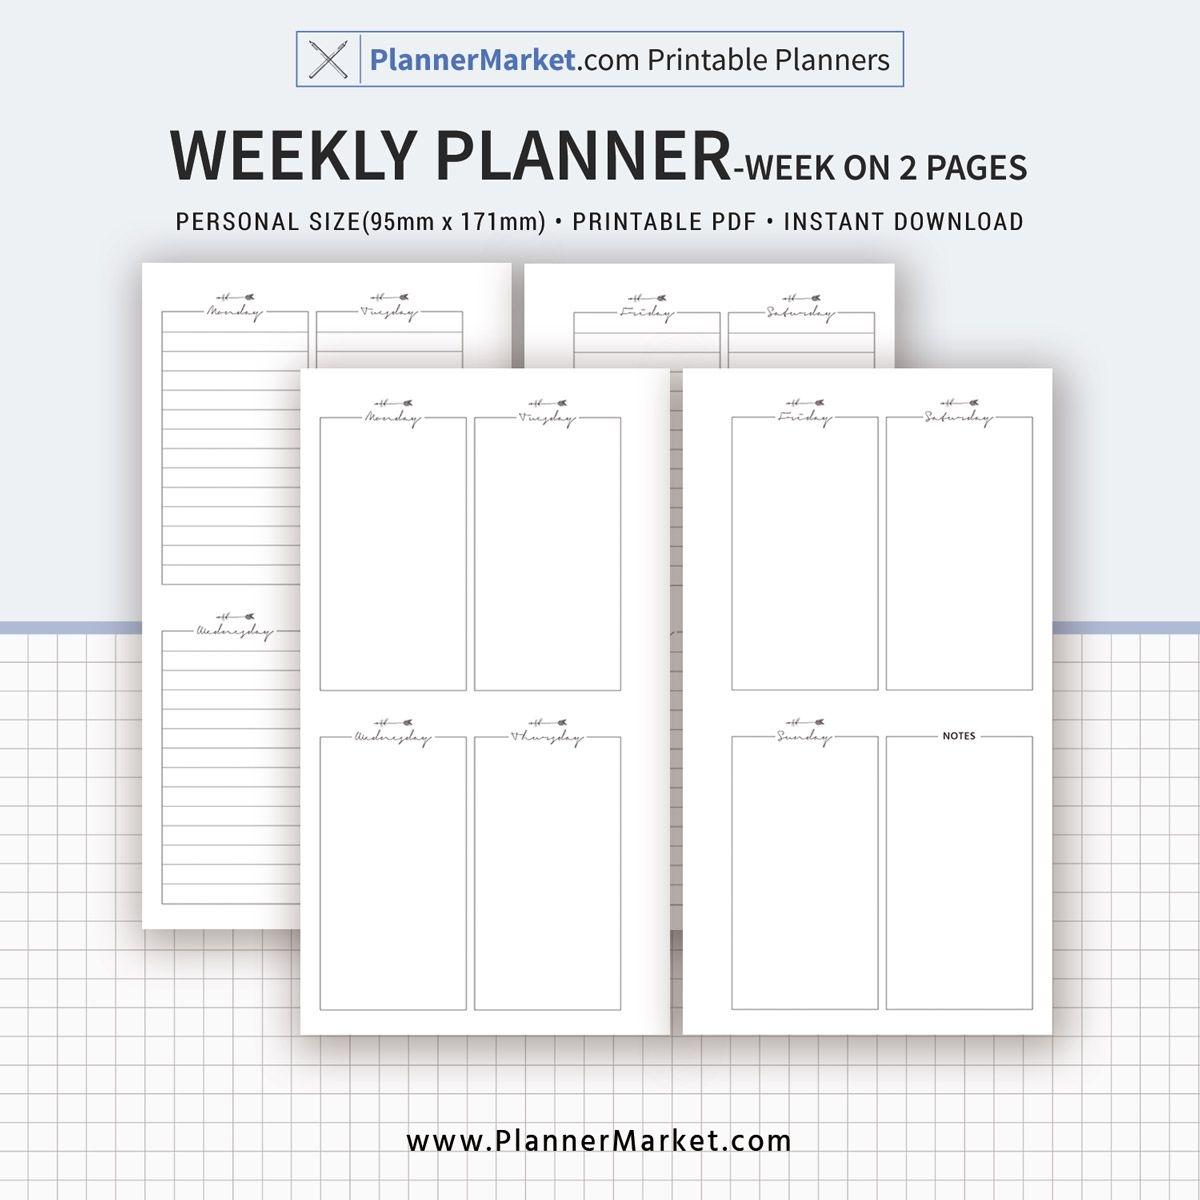 weekly planner, weekly schedule, weekly agenda, week on 2